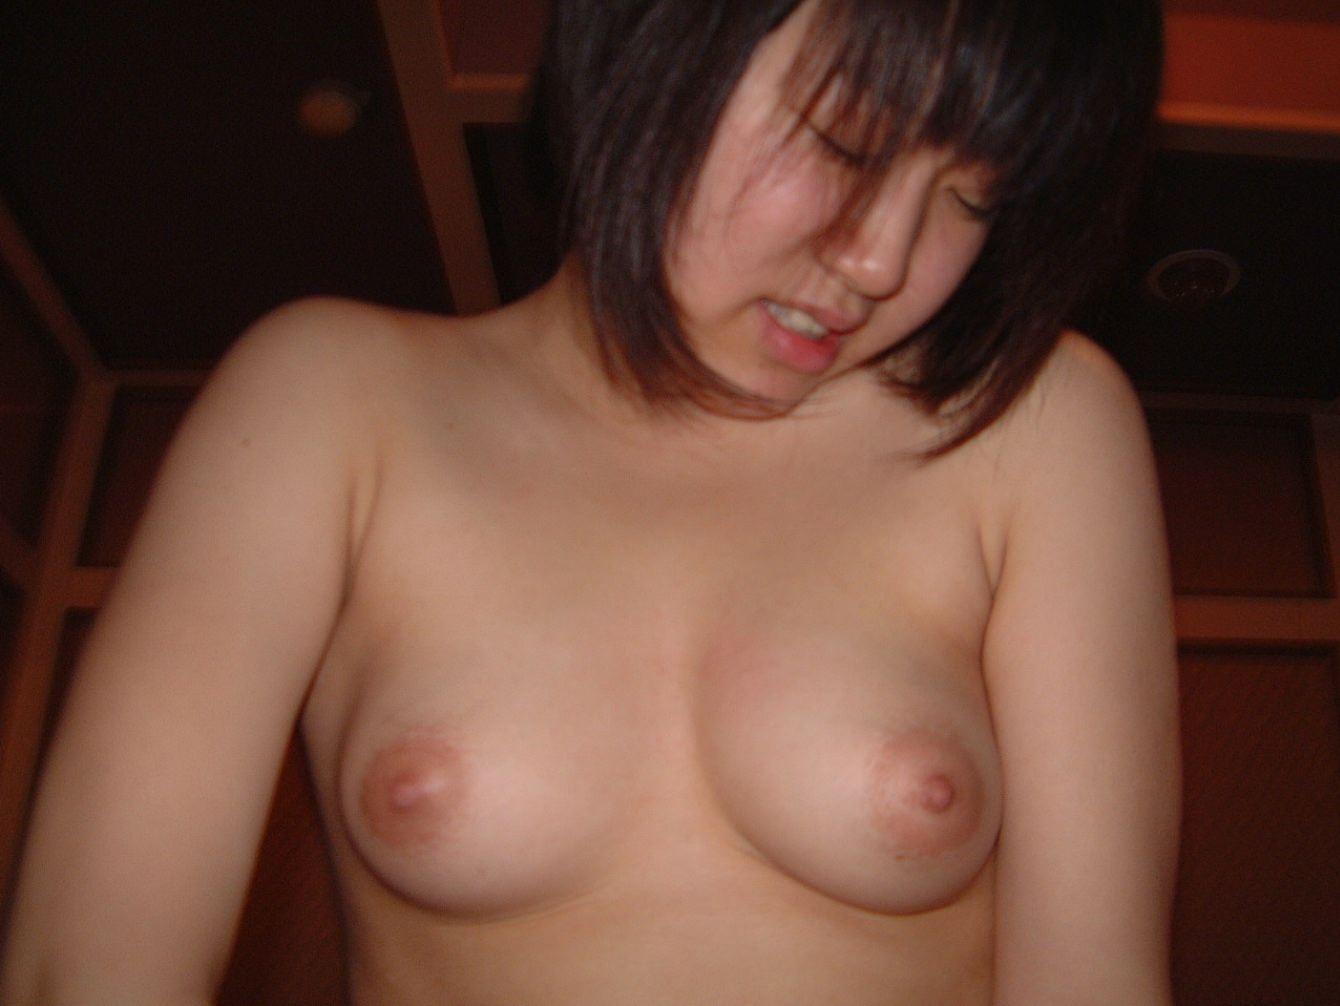 彼のチンコが気持ち良すぎるwww抑えきれず膣イキしてる彼女のアクメ顔ハメ撮りwww 0214